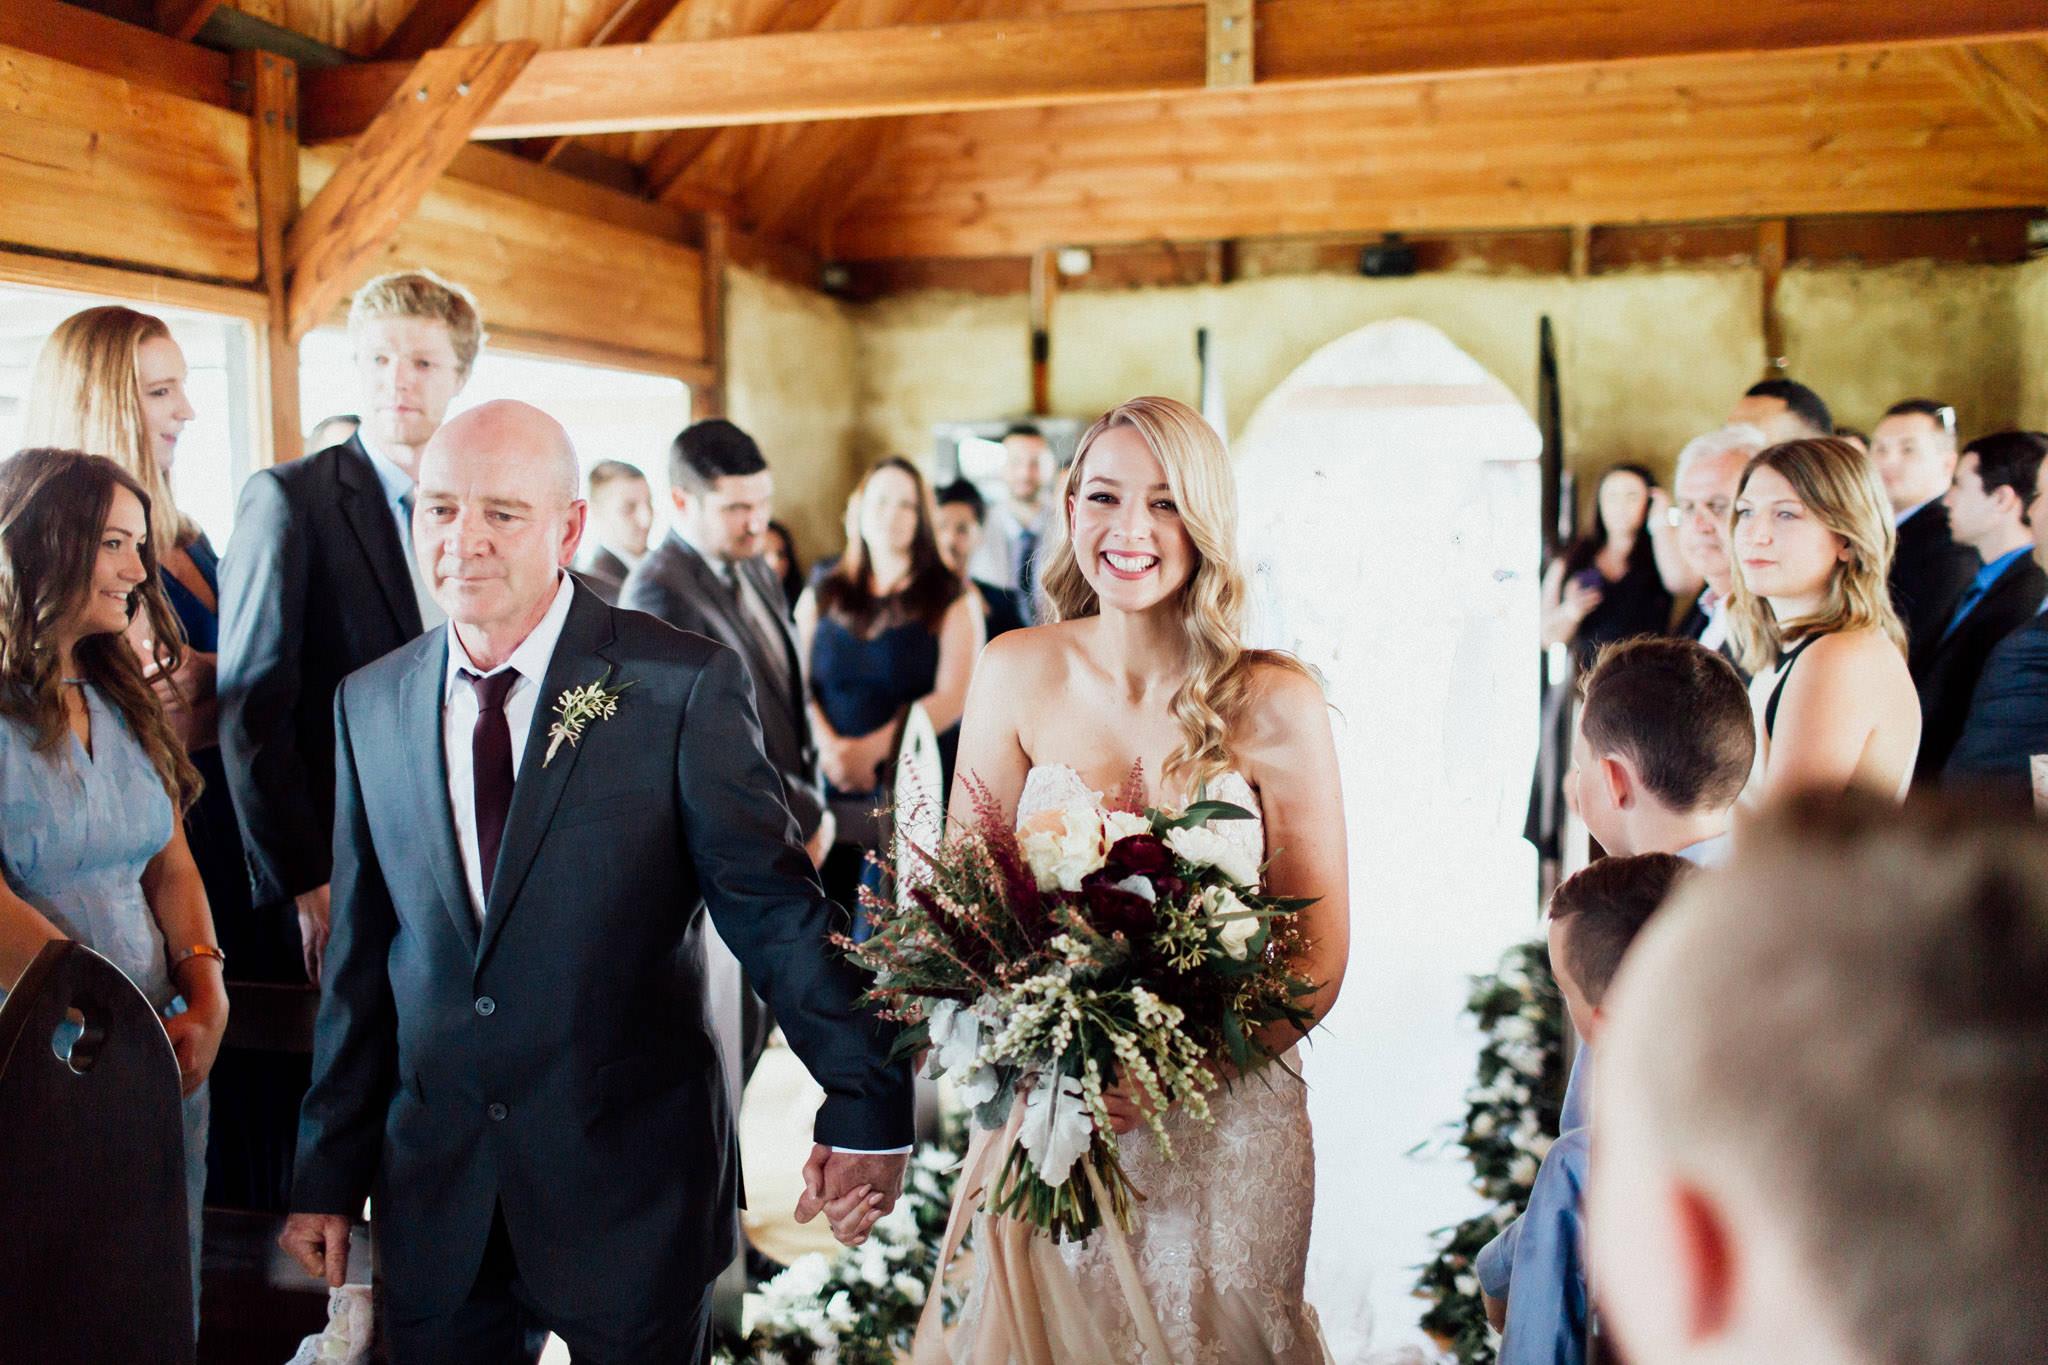 WeddingPhotos_Facebook_2048pixels-1035.jpg